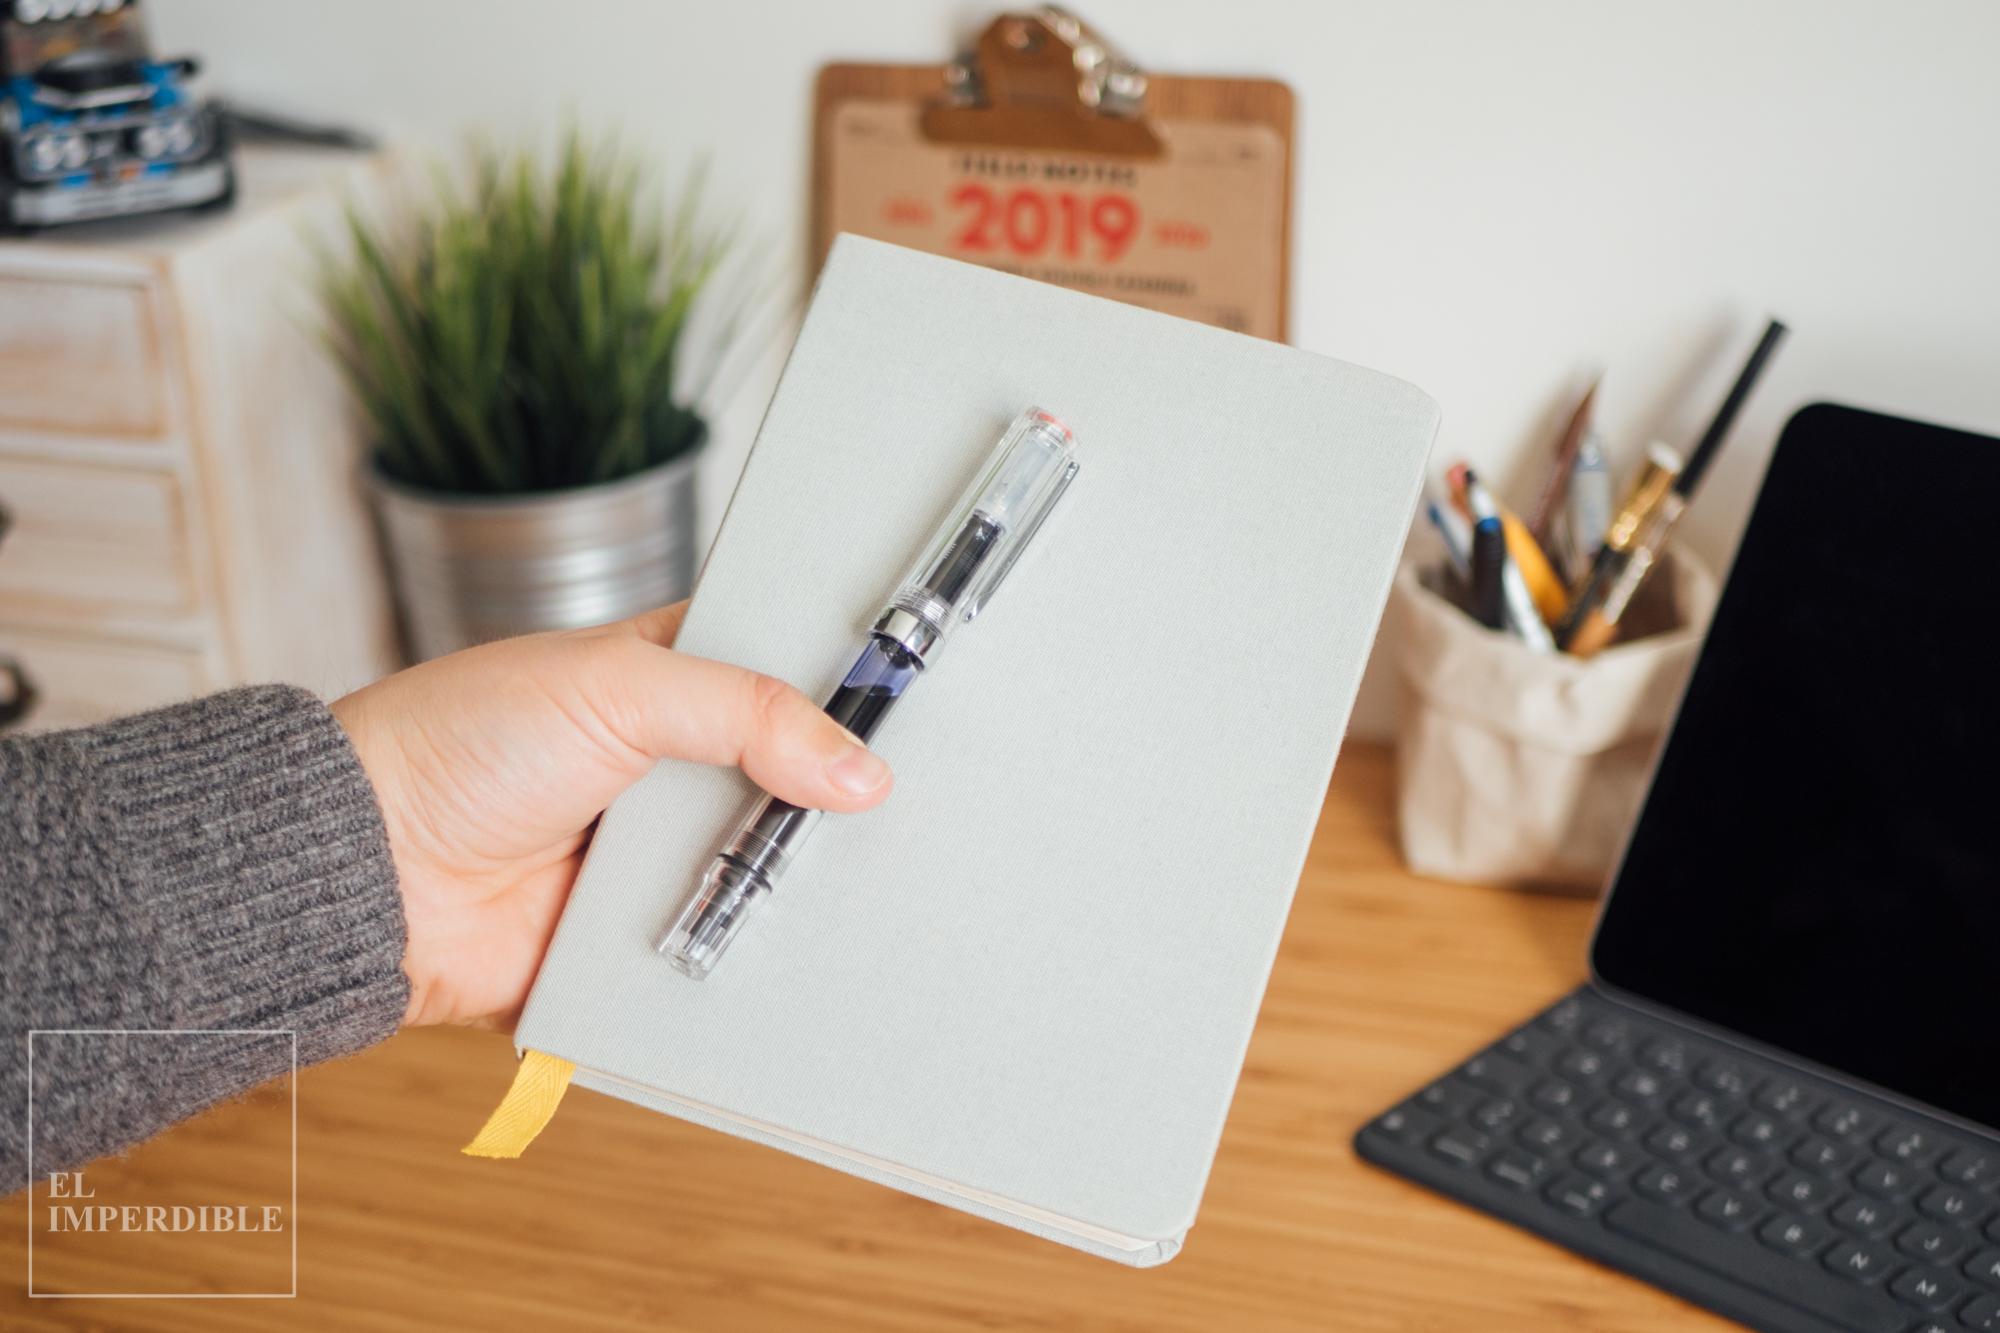 Kit de papelería para escritores Baron Fig BaronFig Confidant Twsbi ECO Clear